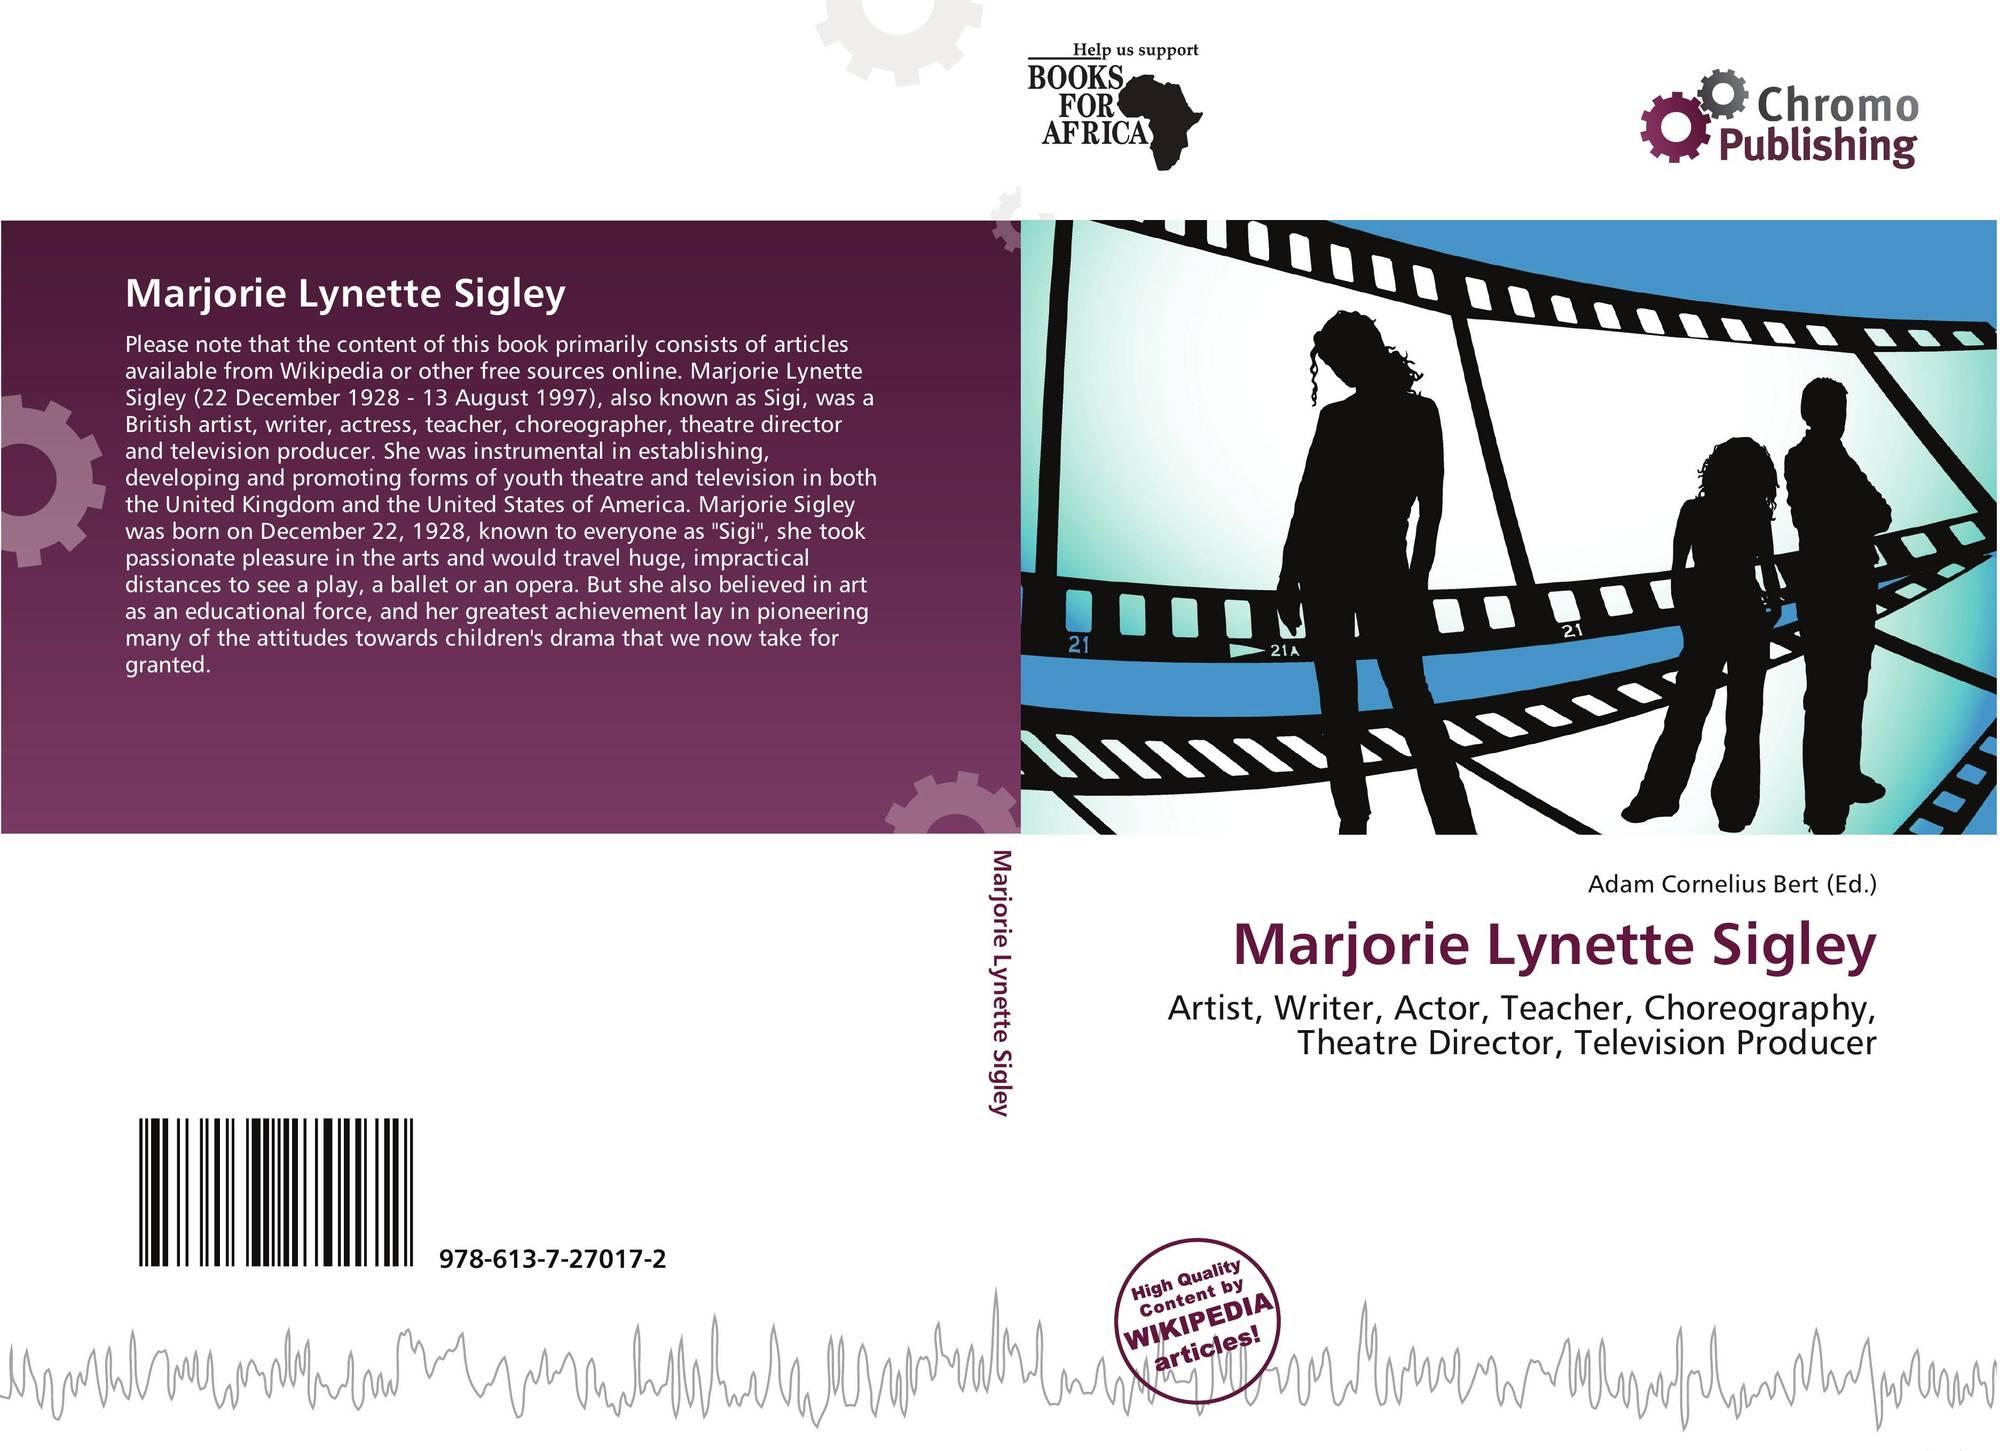 Marjorie Lynette Sigley